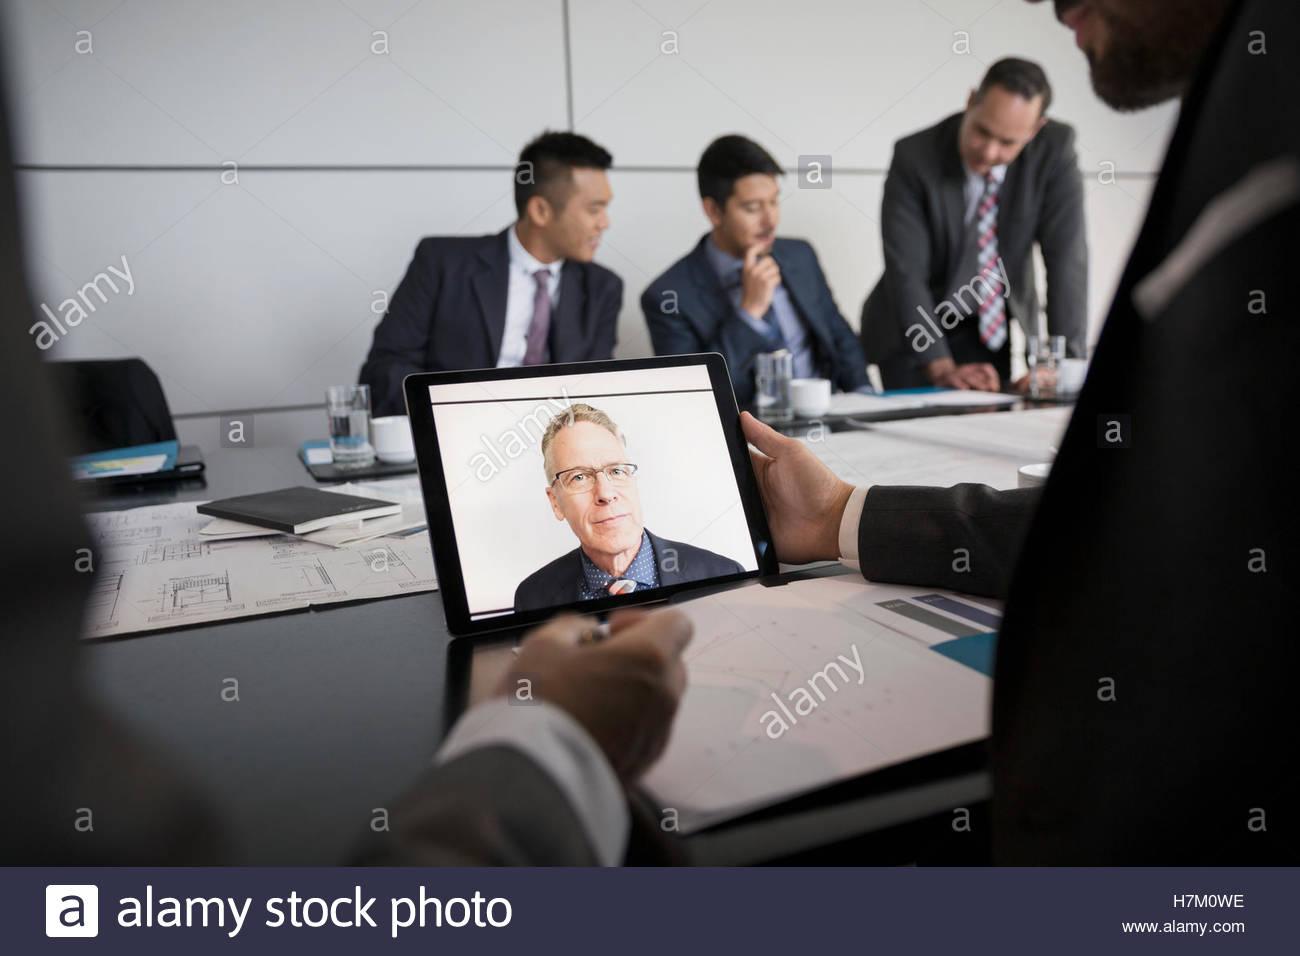 Architetto maschio le videoconferenze su laptop in sala conferenze Immagini Stock